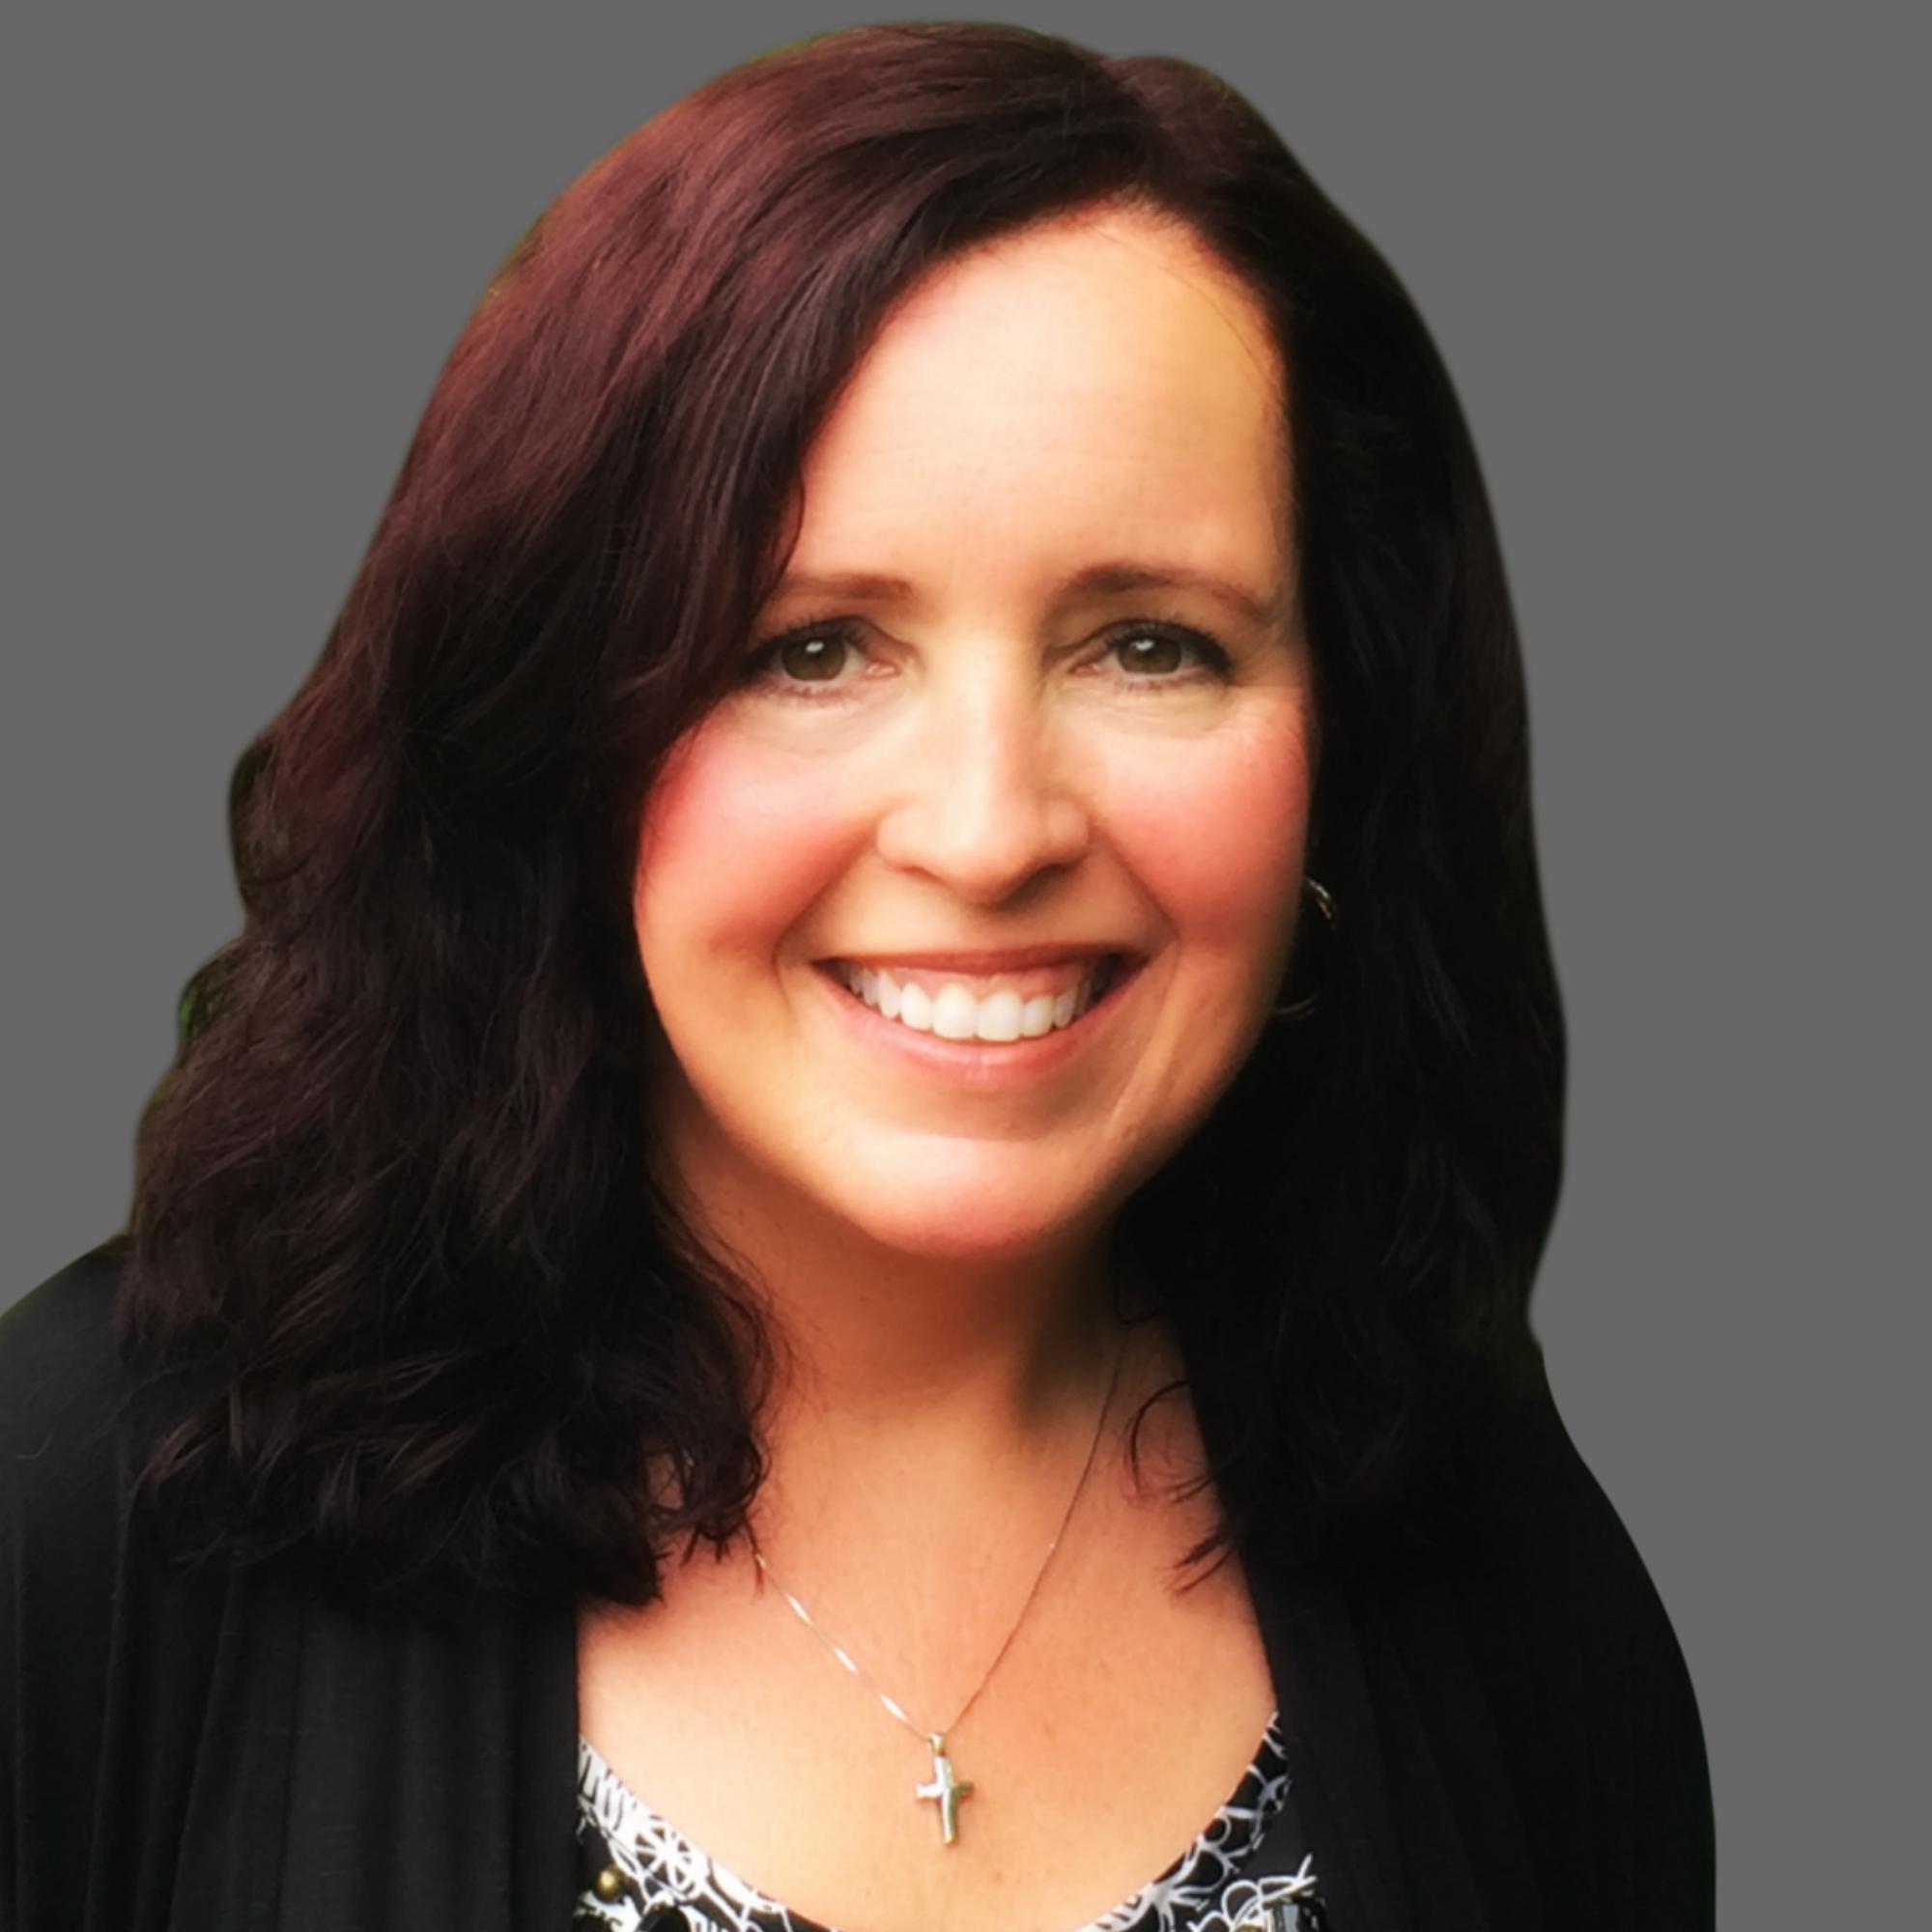 Julie Ulrich